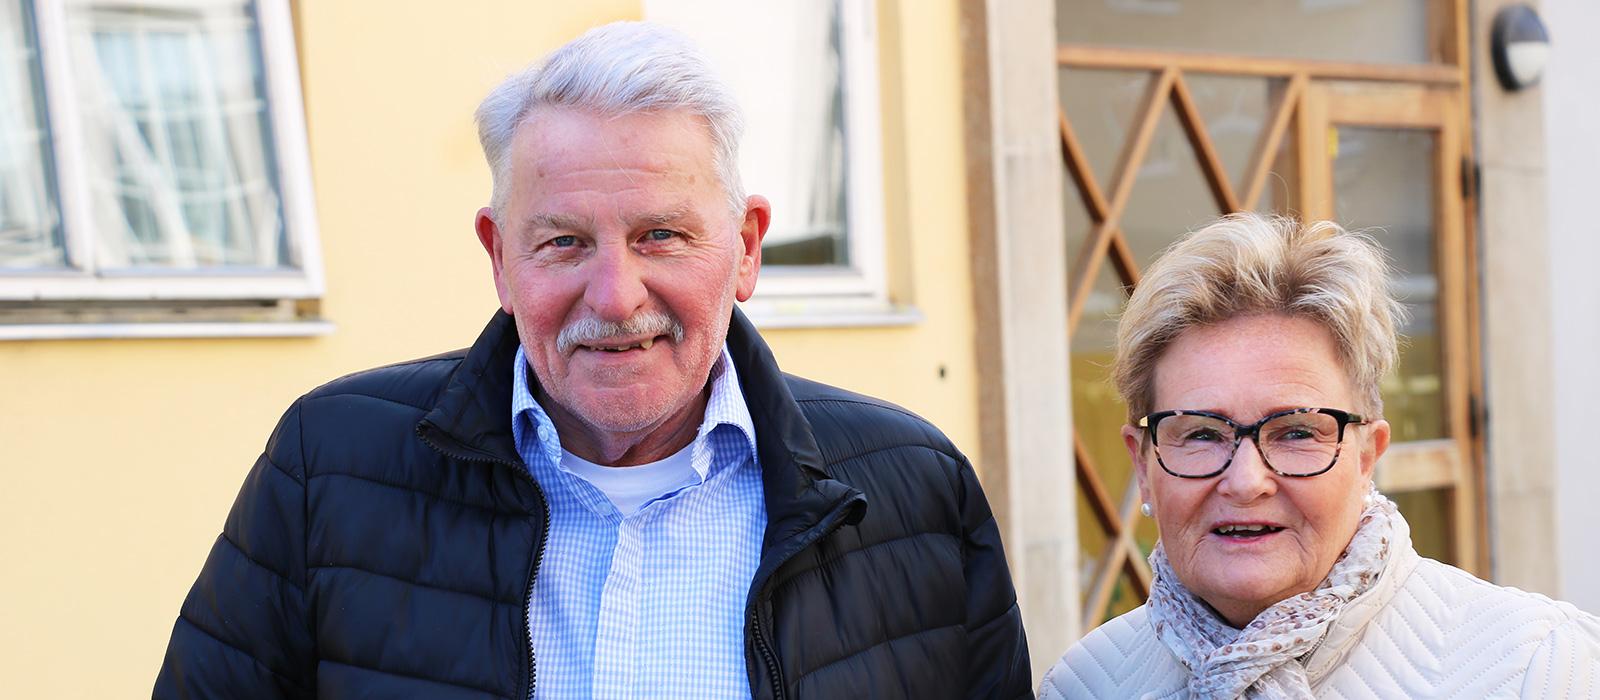 En man med blå skjorta och svart jacka och en kvinna med ljus jacka står bredvid varandra